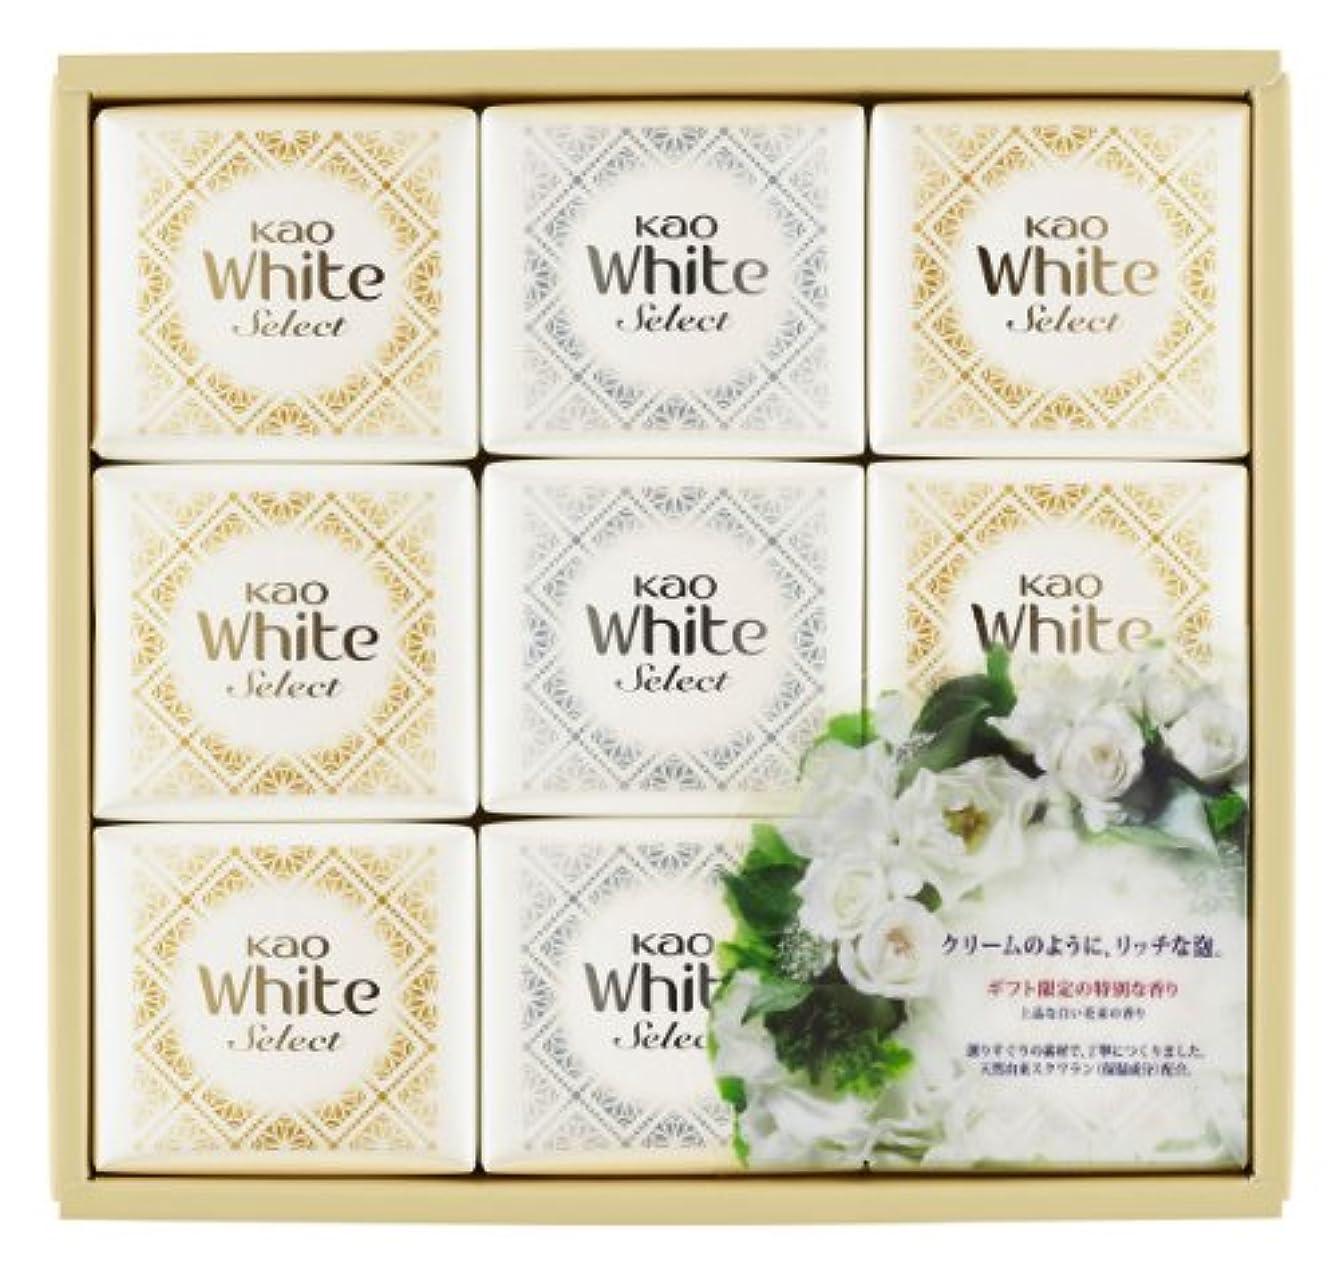 間代理人ピアノ花王ホワイト セレクト 上品な白い花束の香り 85g 9コ K?WS-15